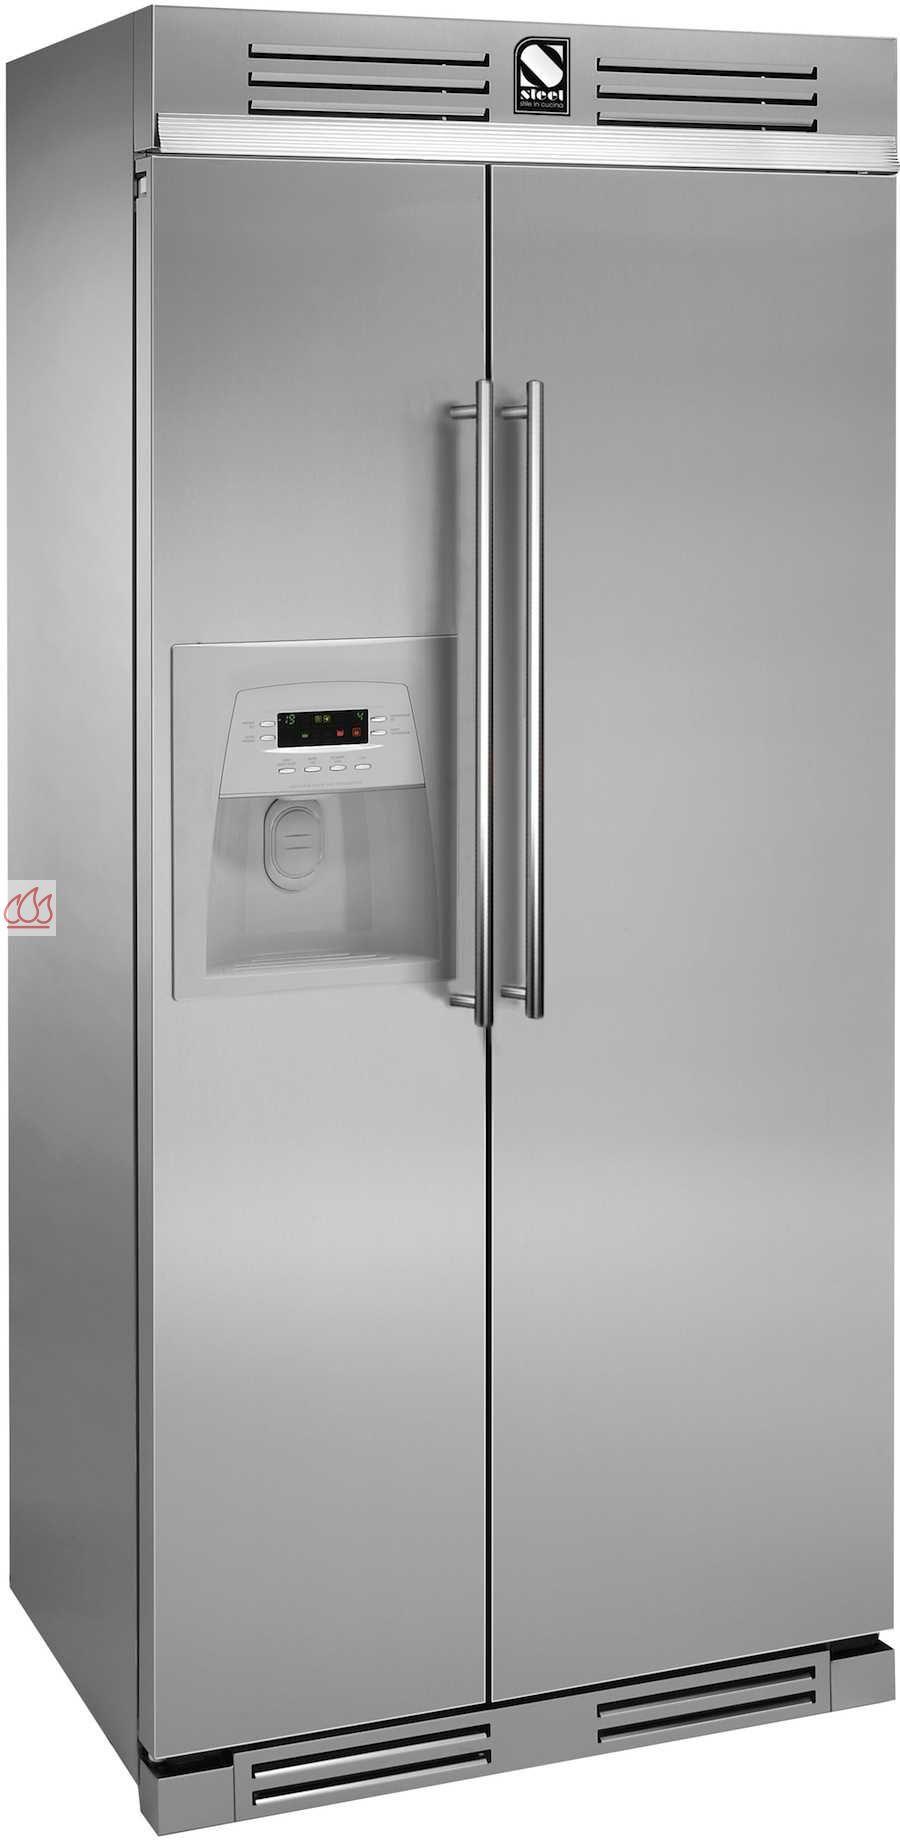 Meilleur frigo americain pose libre pas cher for Frigo americain miroir